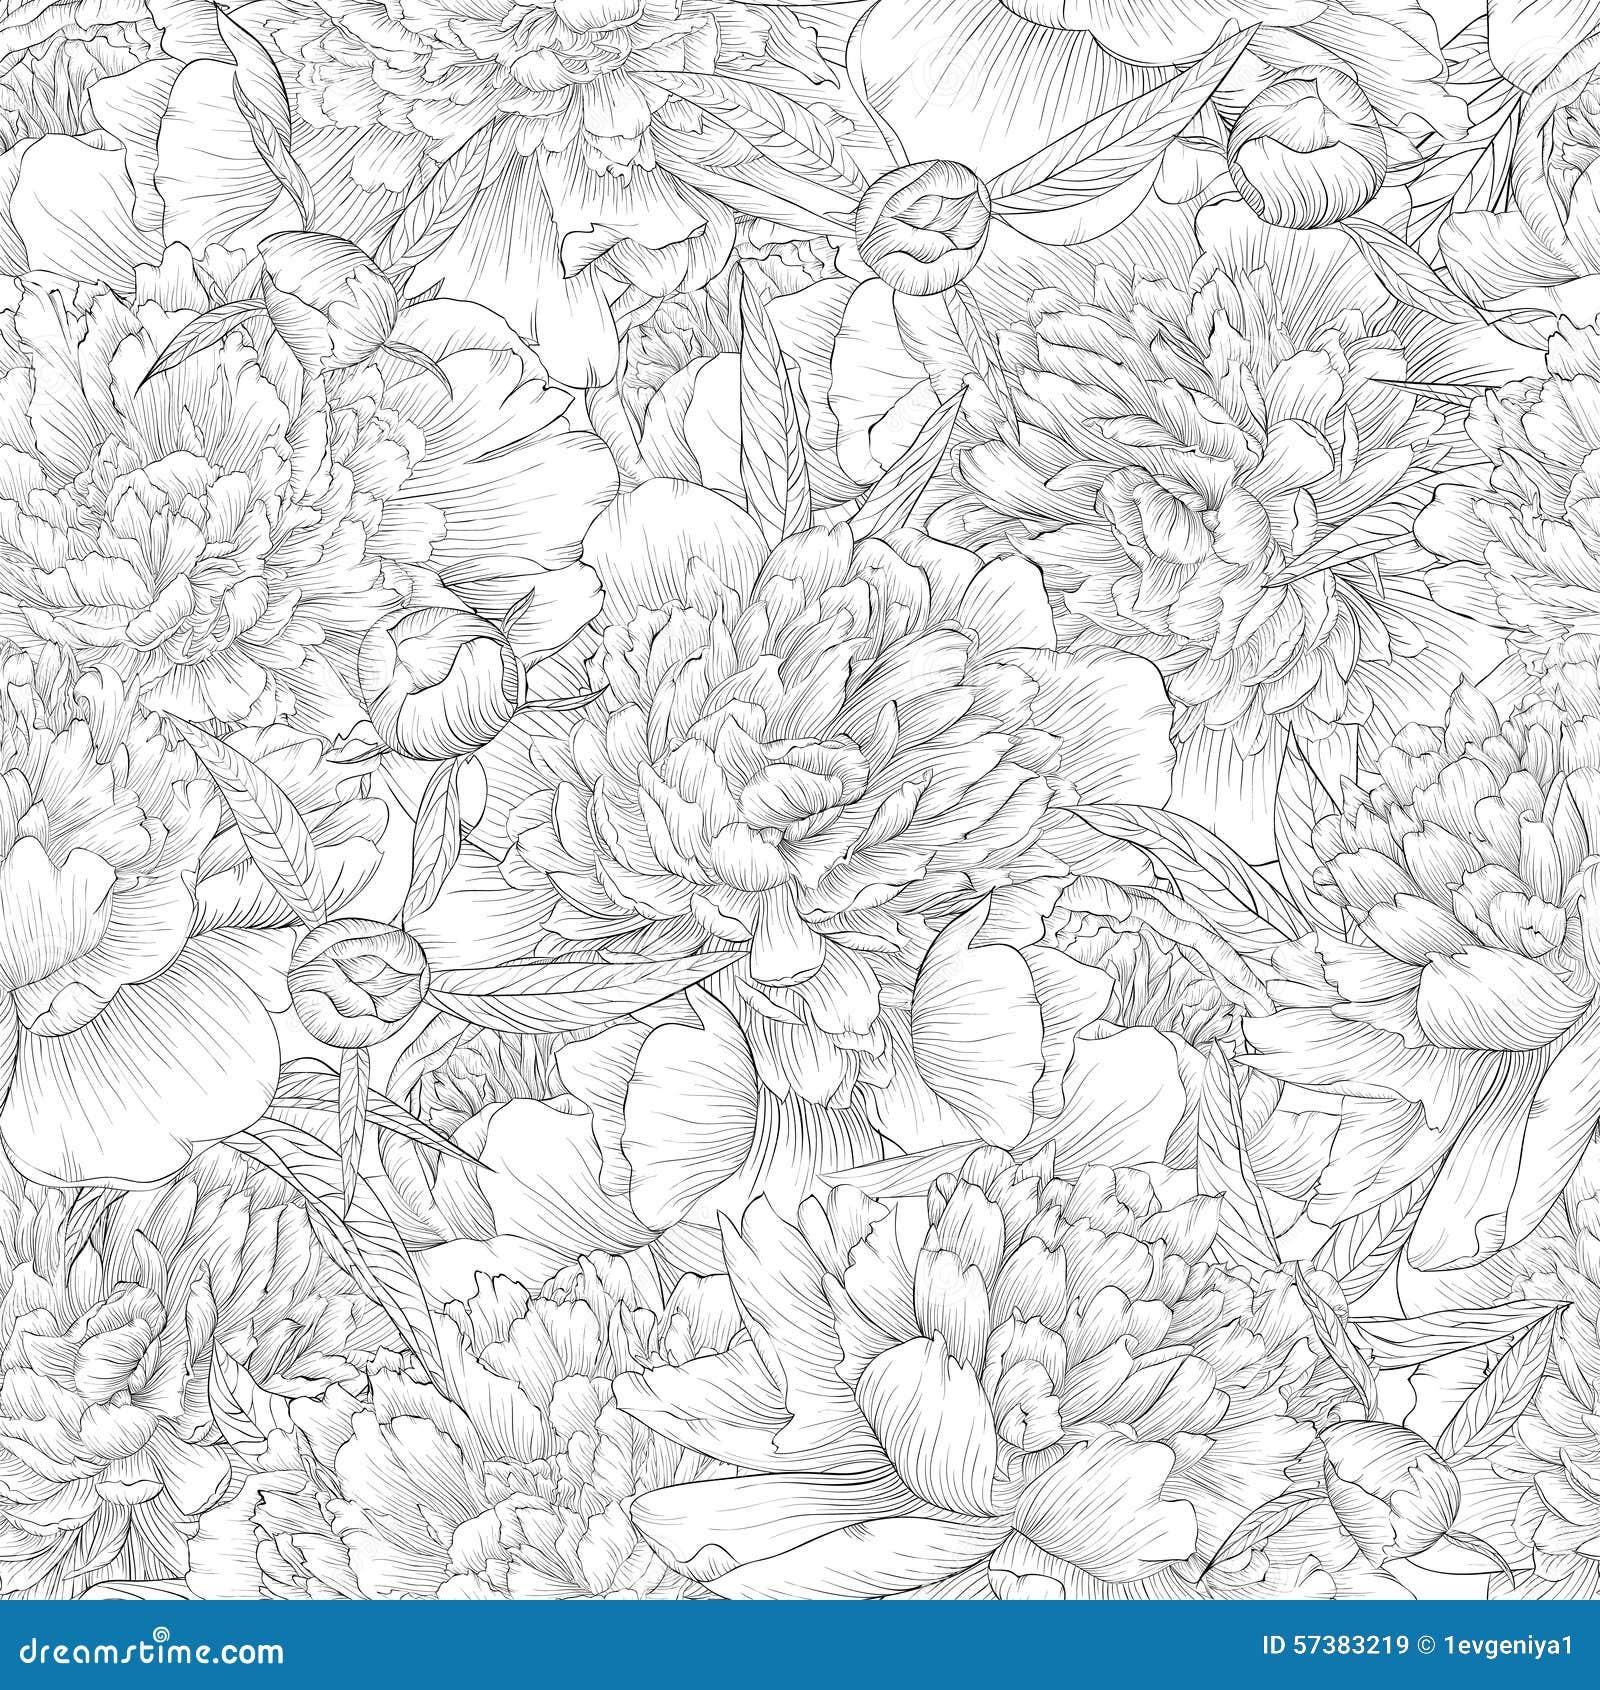 Mooie zwart-wit zwart-witte naadloze achtergrond pioenen met bladeren en knop